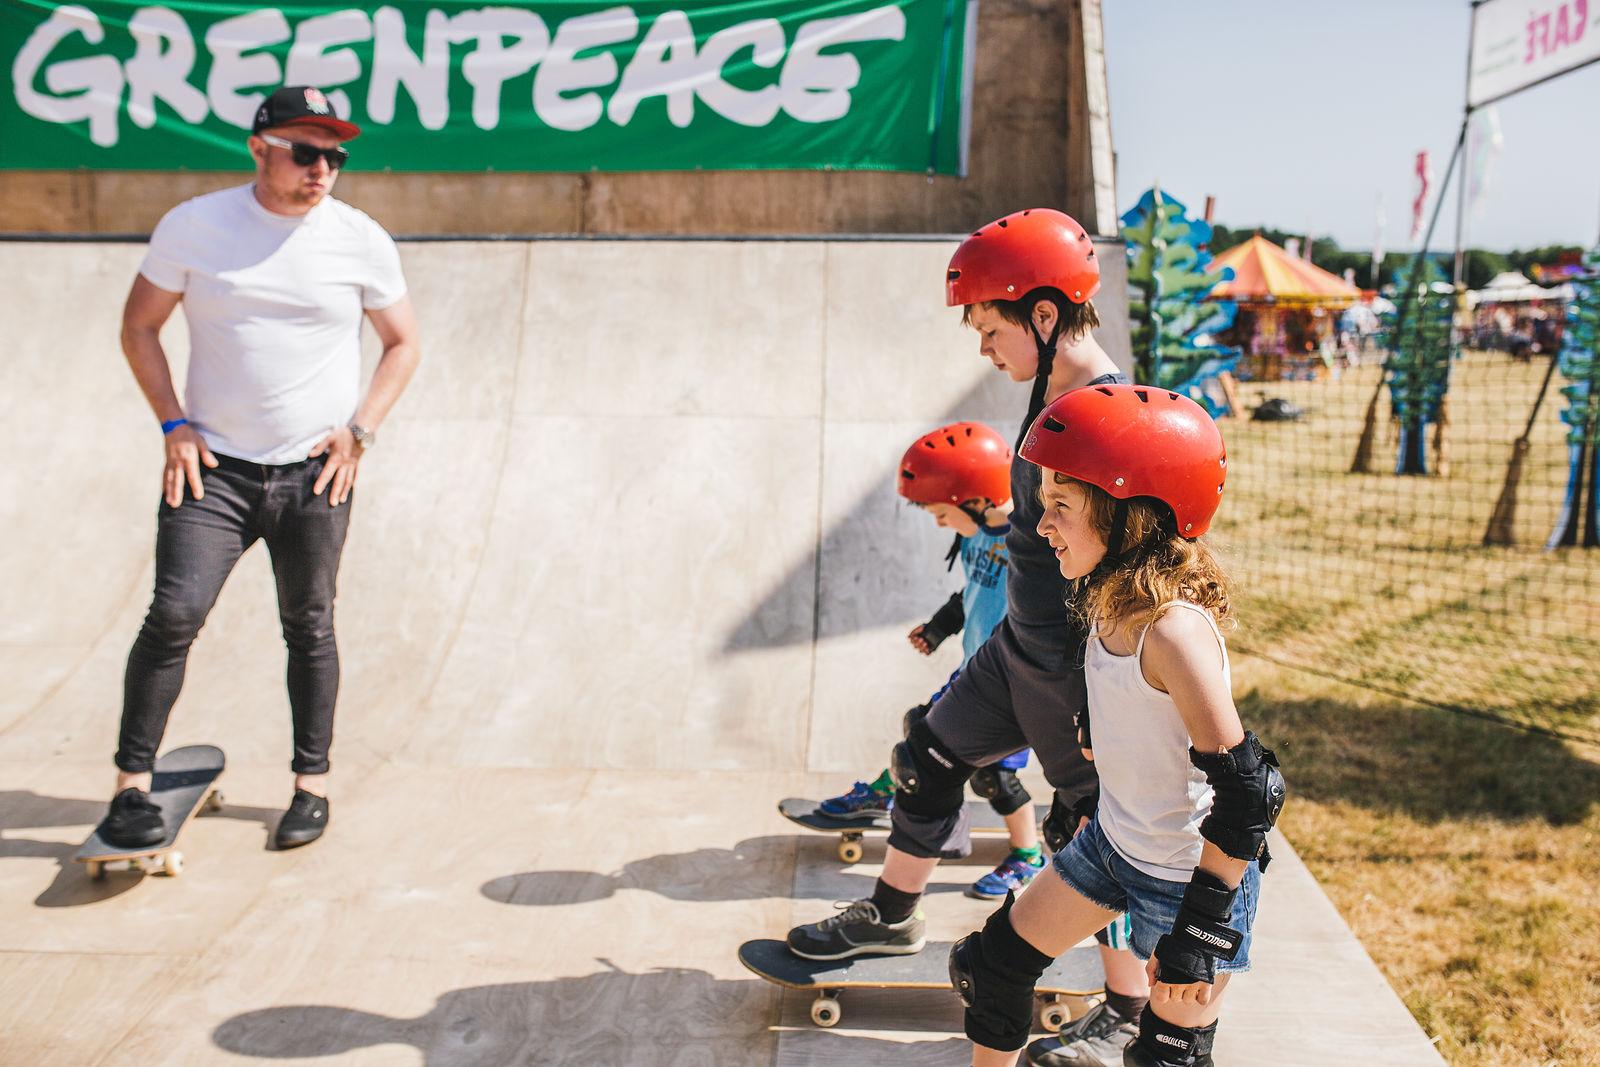 npeace Skateboarding